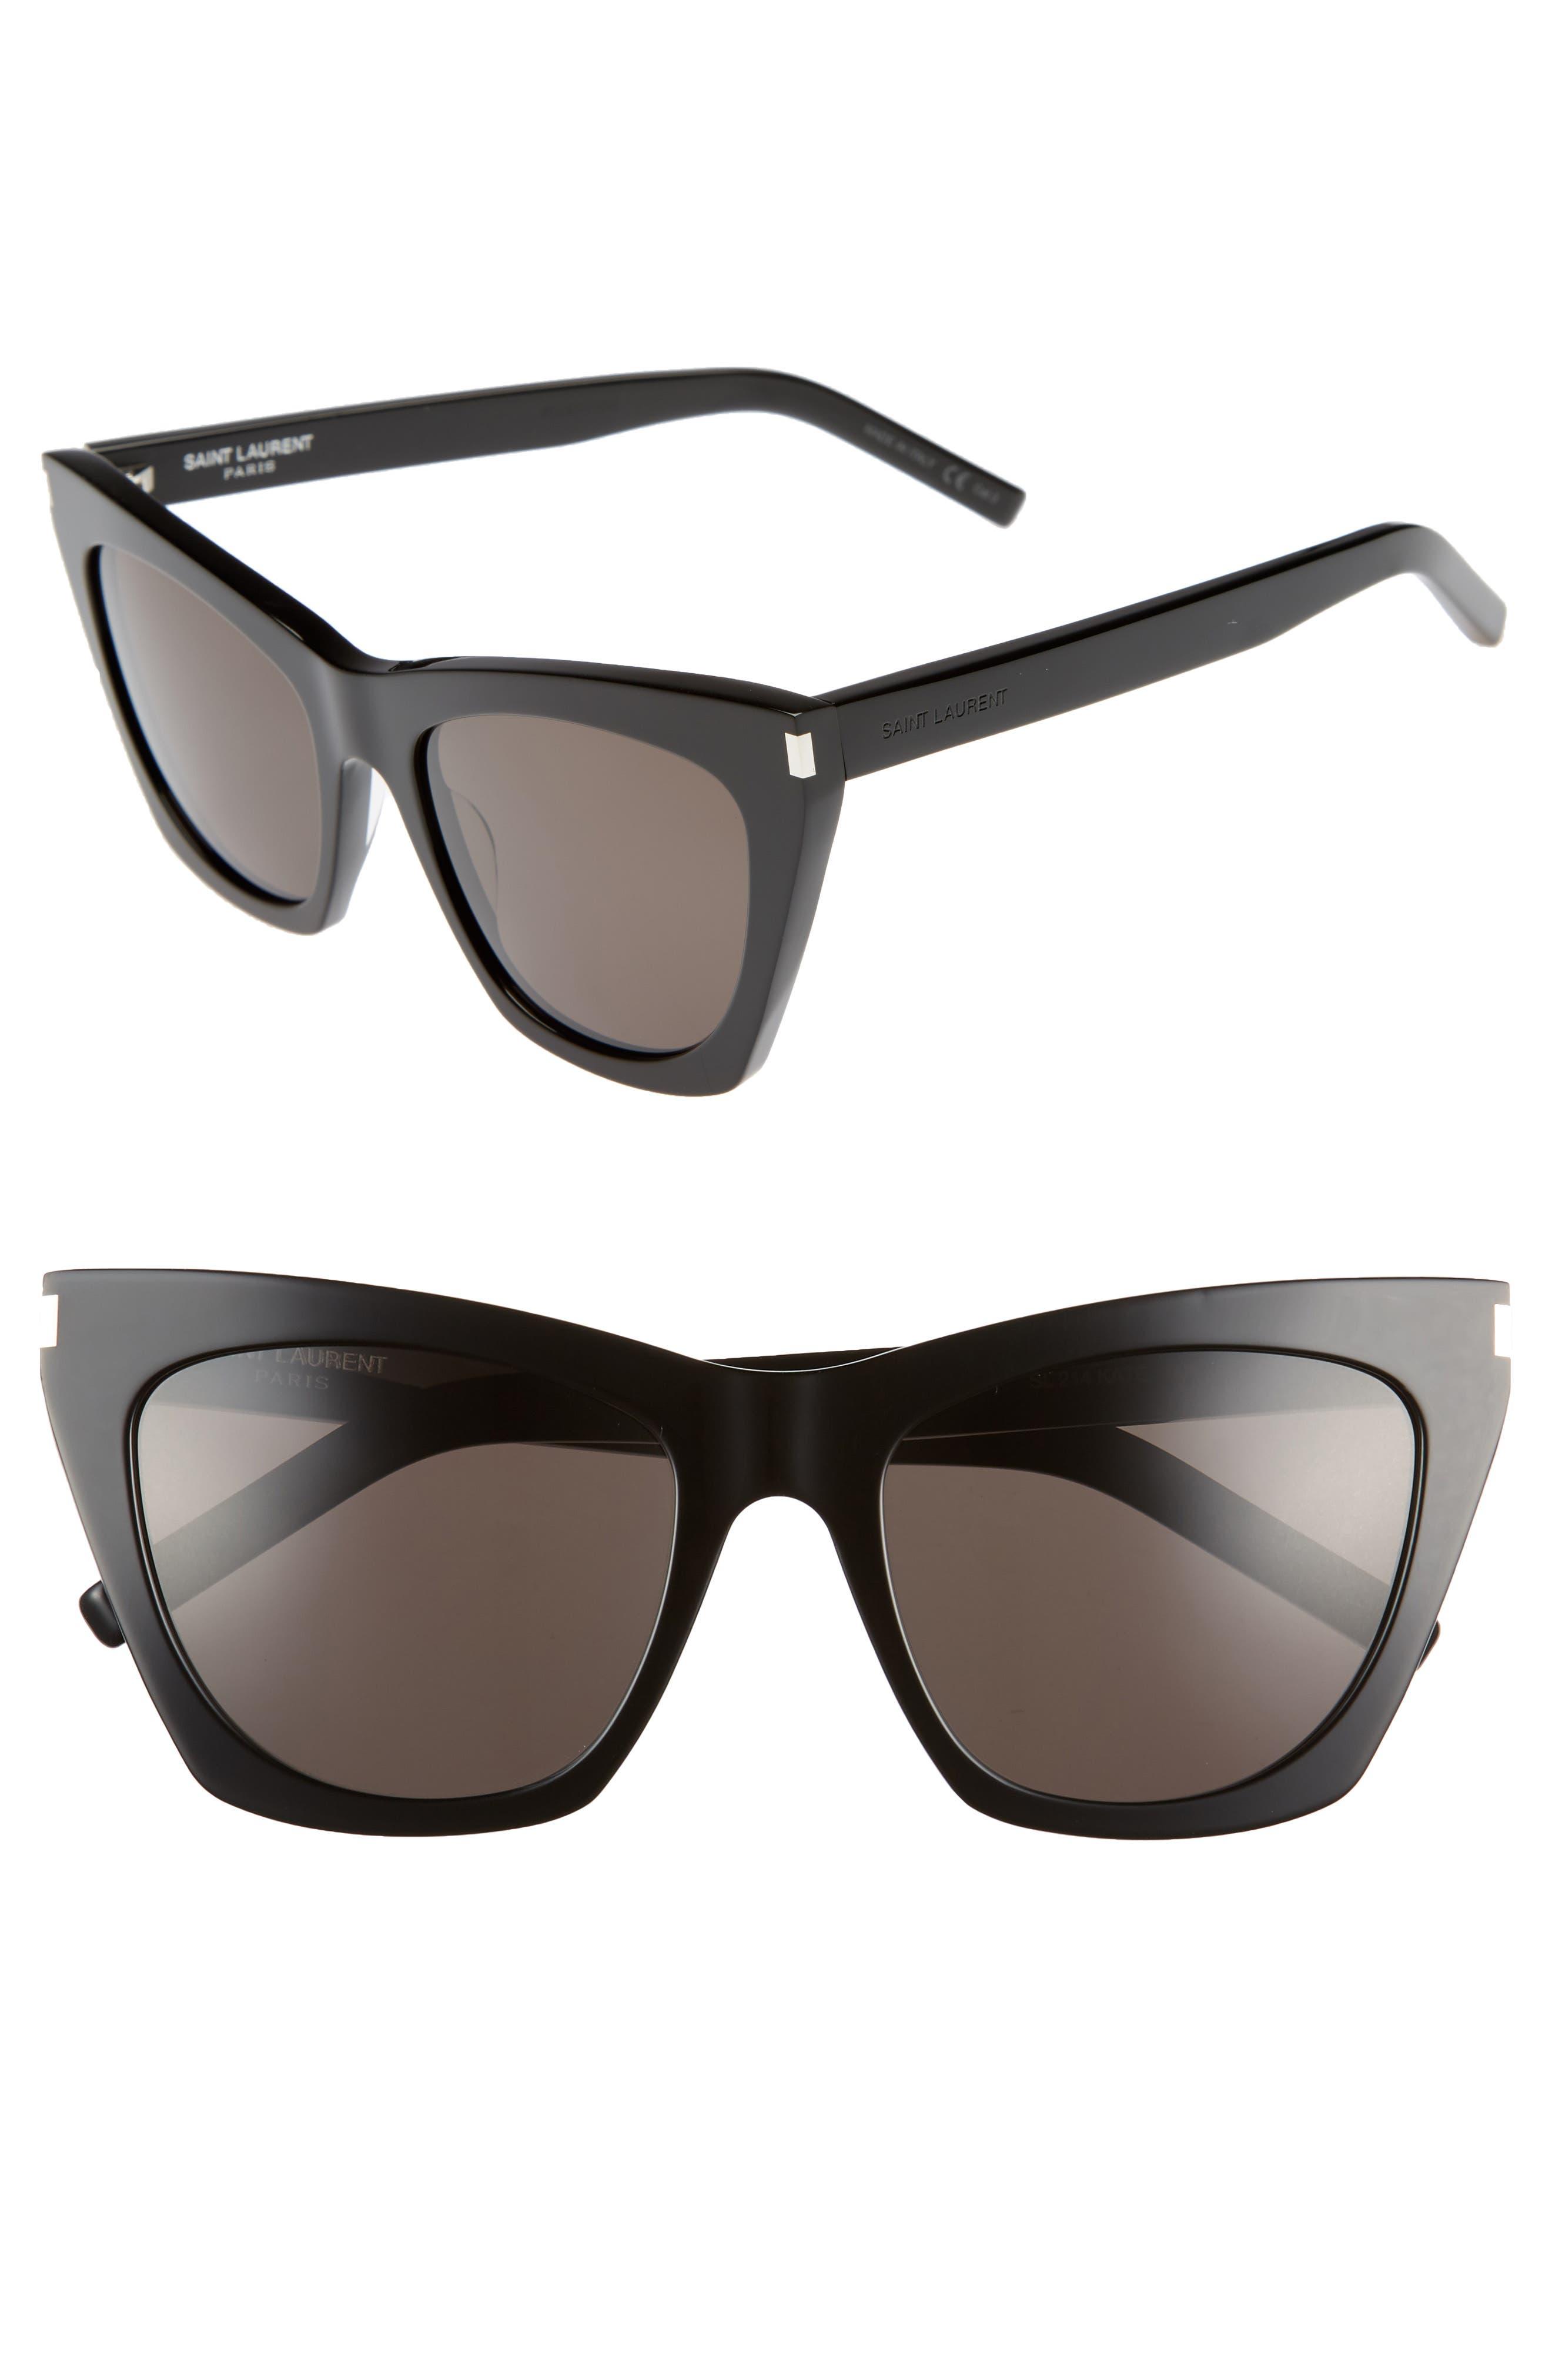 fa6ff2211580c Heart Saint Laurent Sunglasses